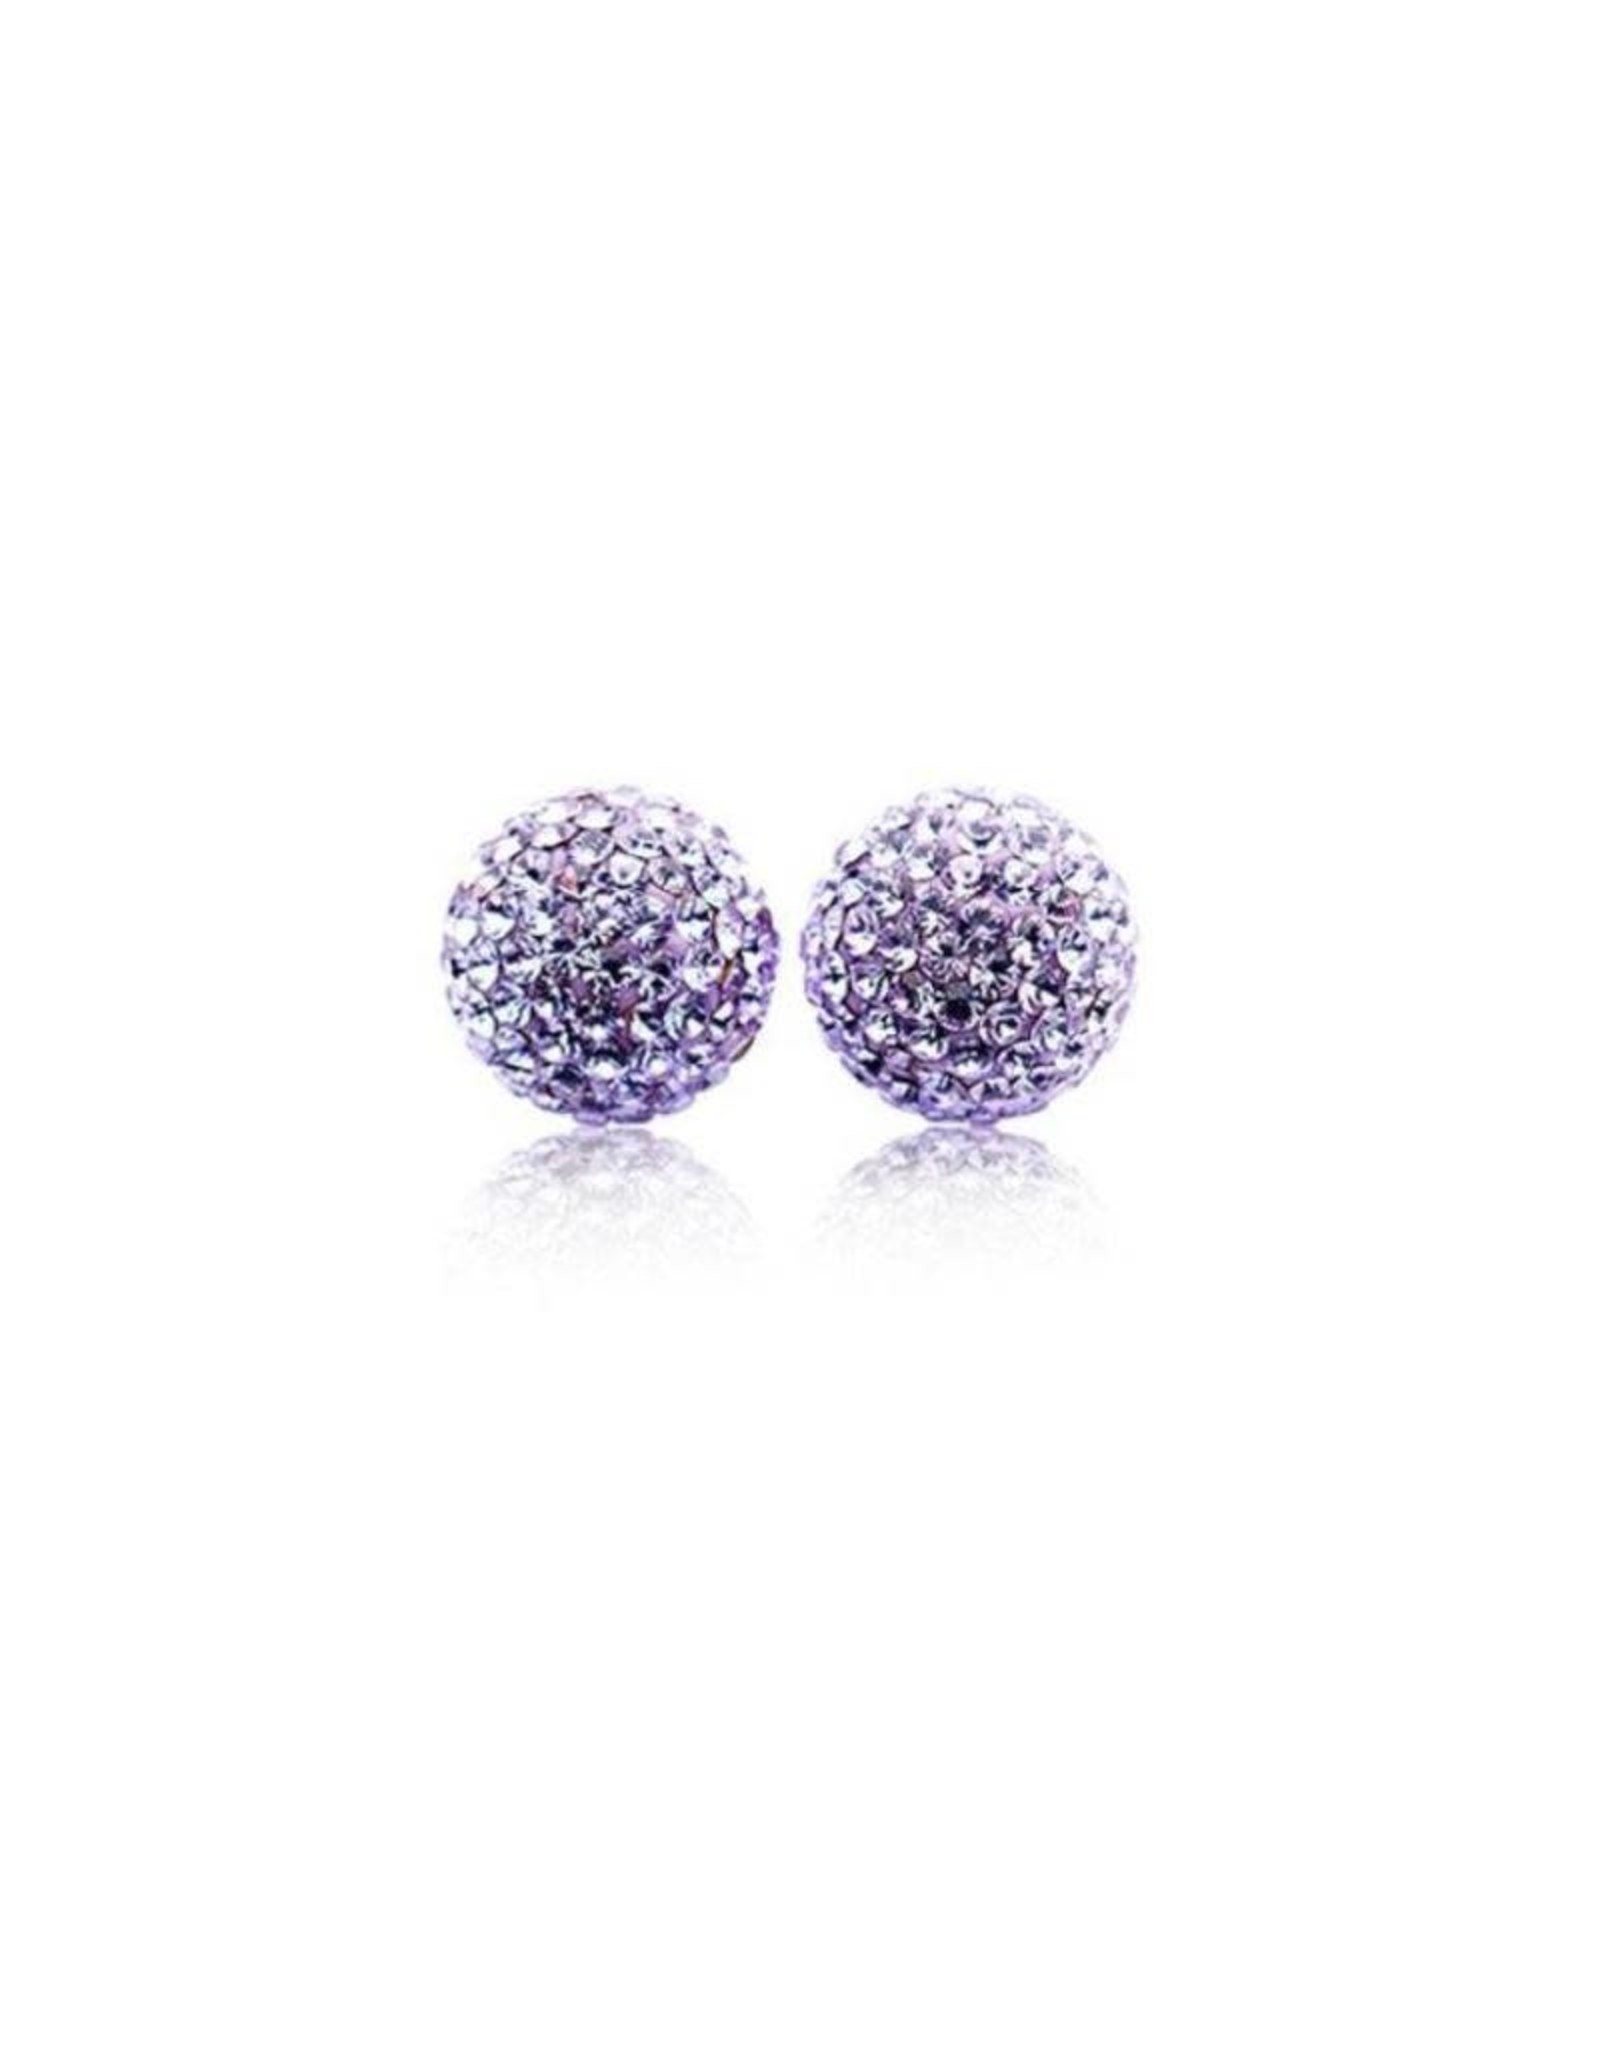 Hillberg & Berk Hillberg & Berk Violet 10mm Sparkleball Studs